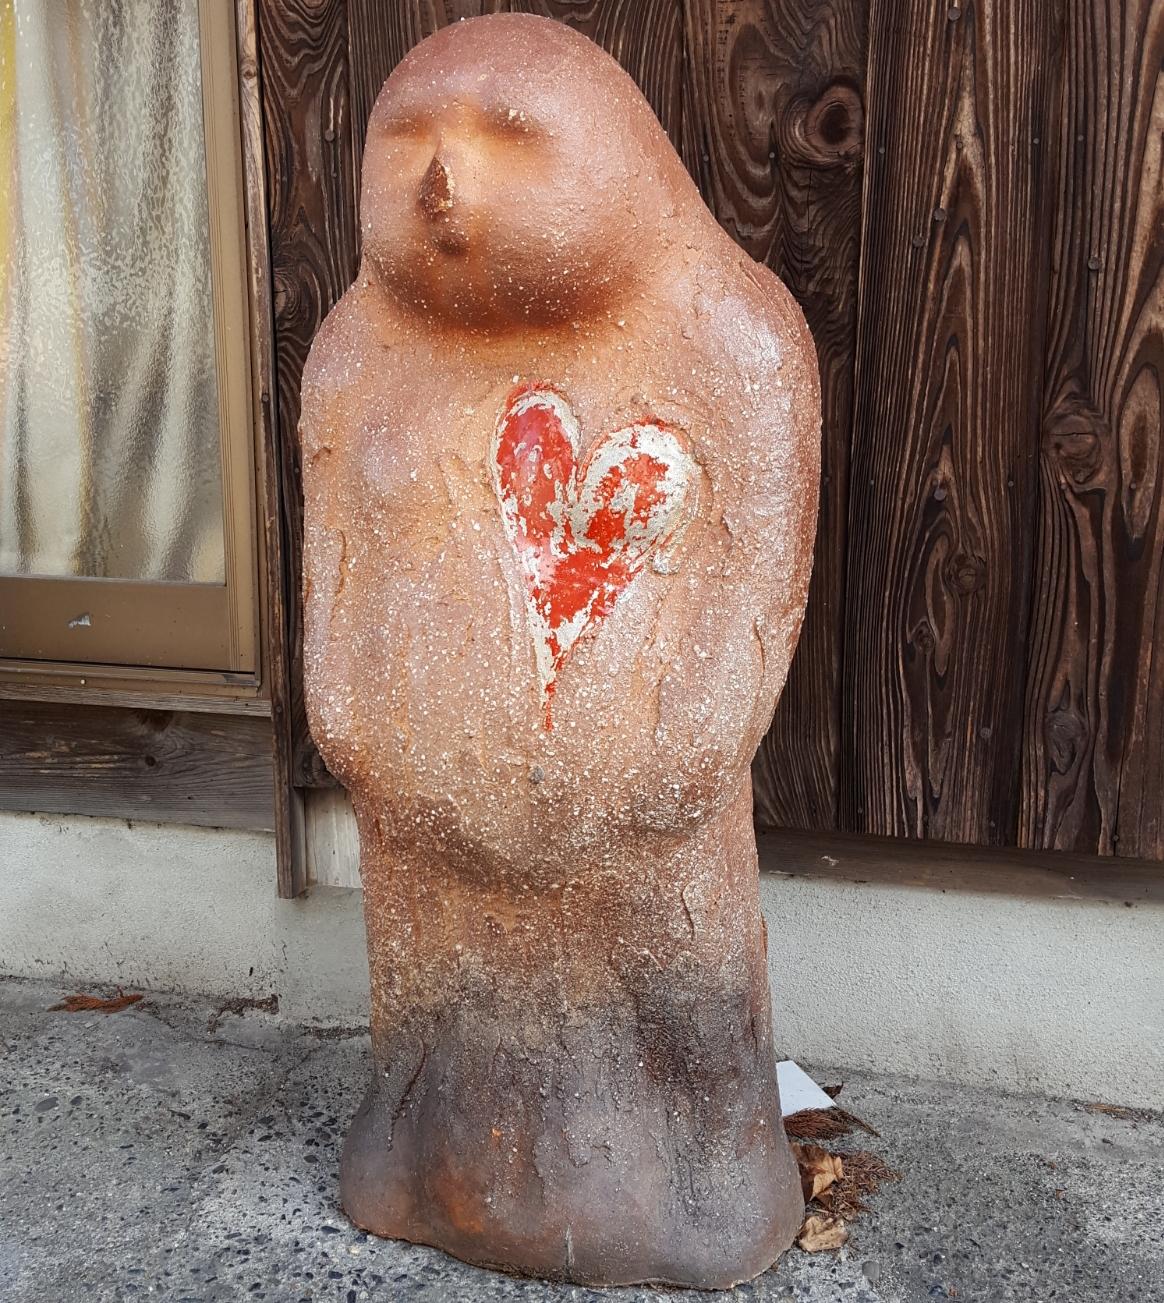 このタヌキは火傷しちゃったのでしょうか、トロッと溶けた狸さん胸にはハートが!